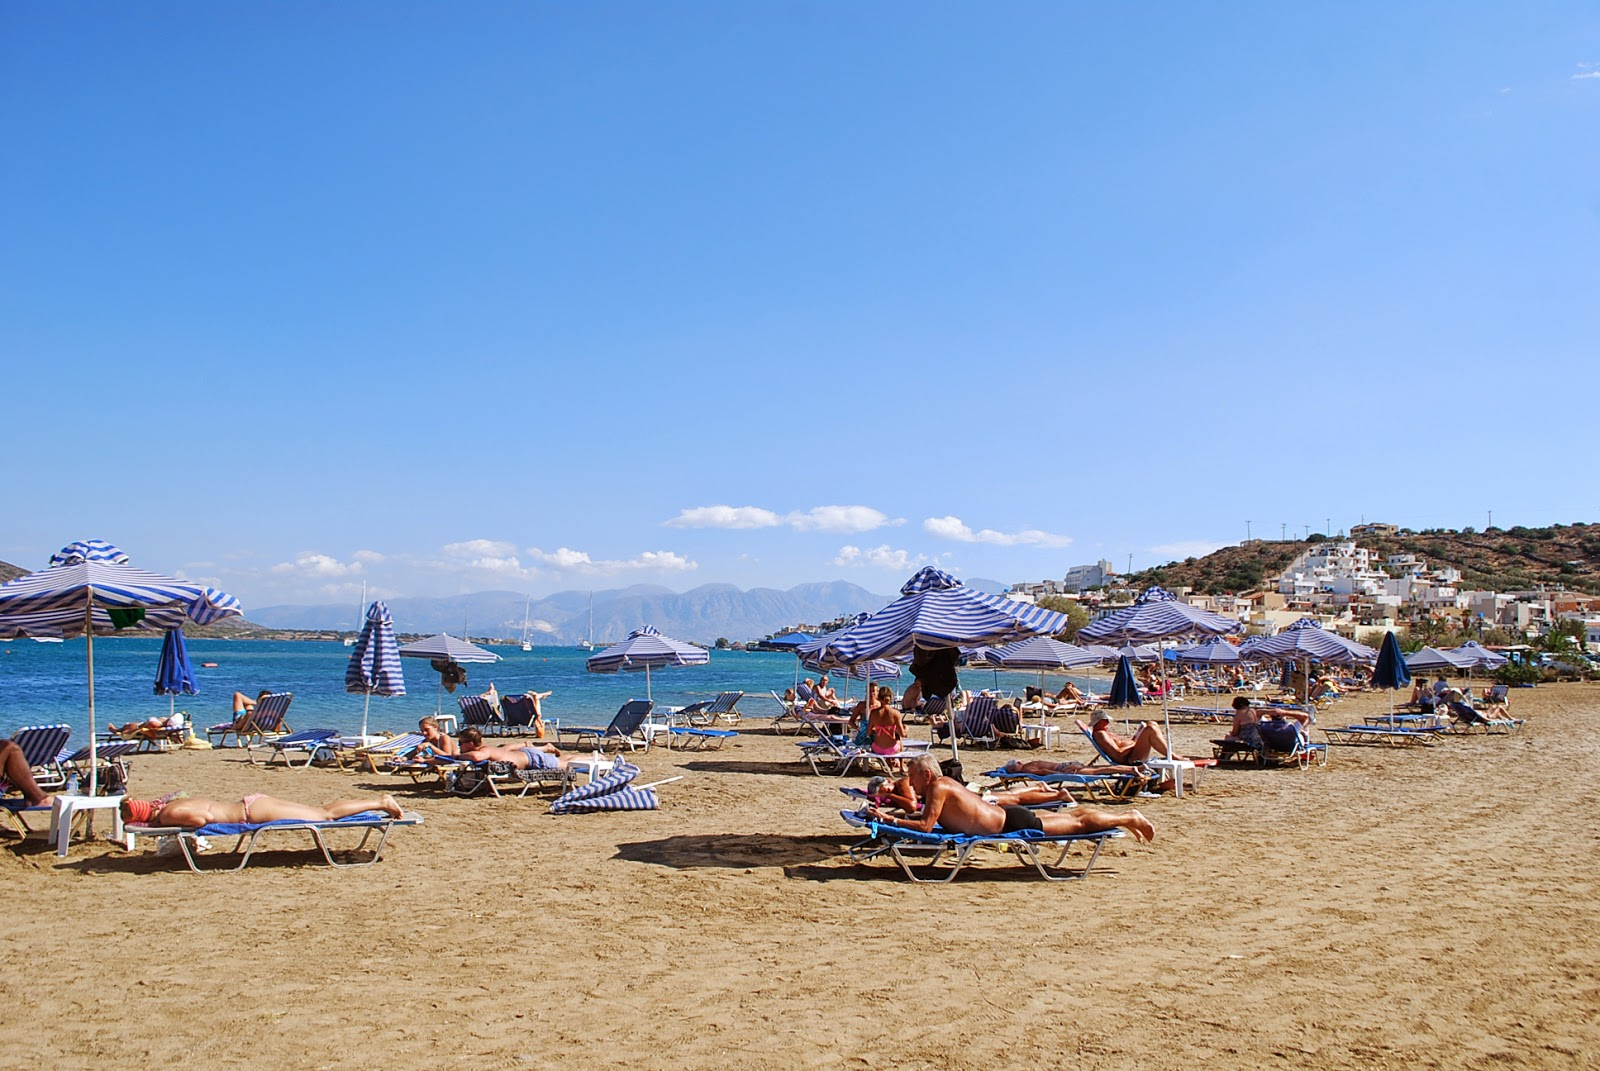 Центральный пляж Элунды, о. Крит, Греция. Beach of Elounda, Crete, Greece.